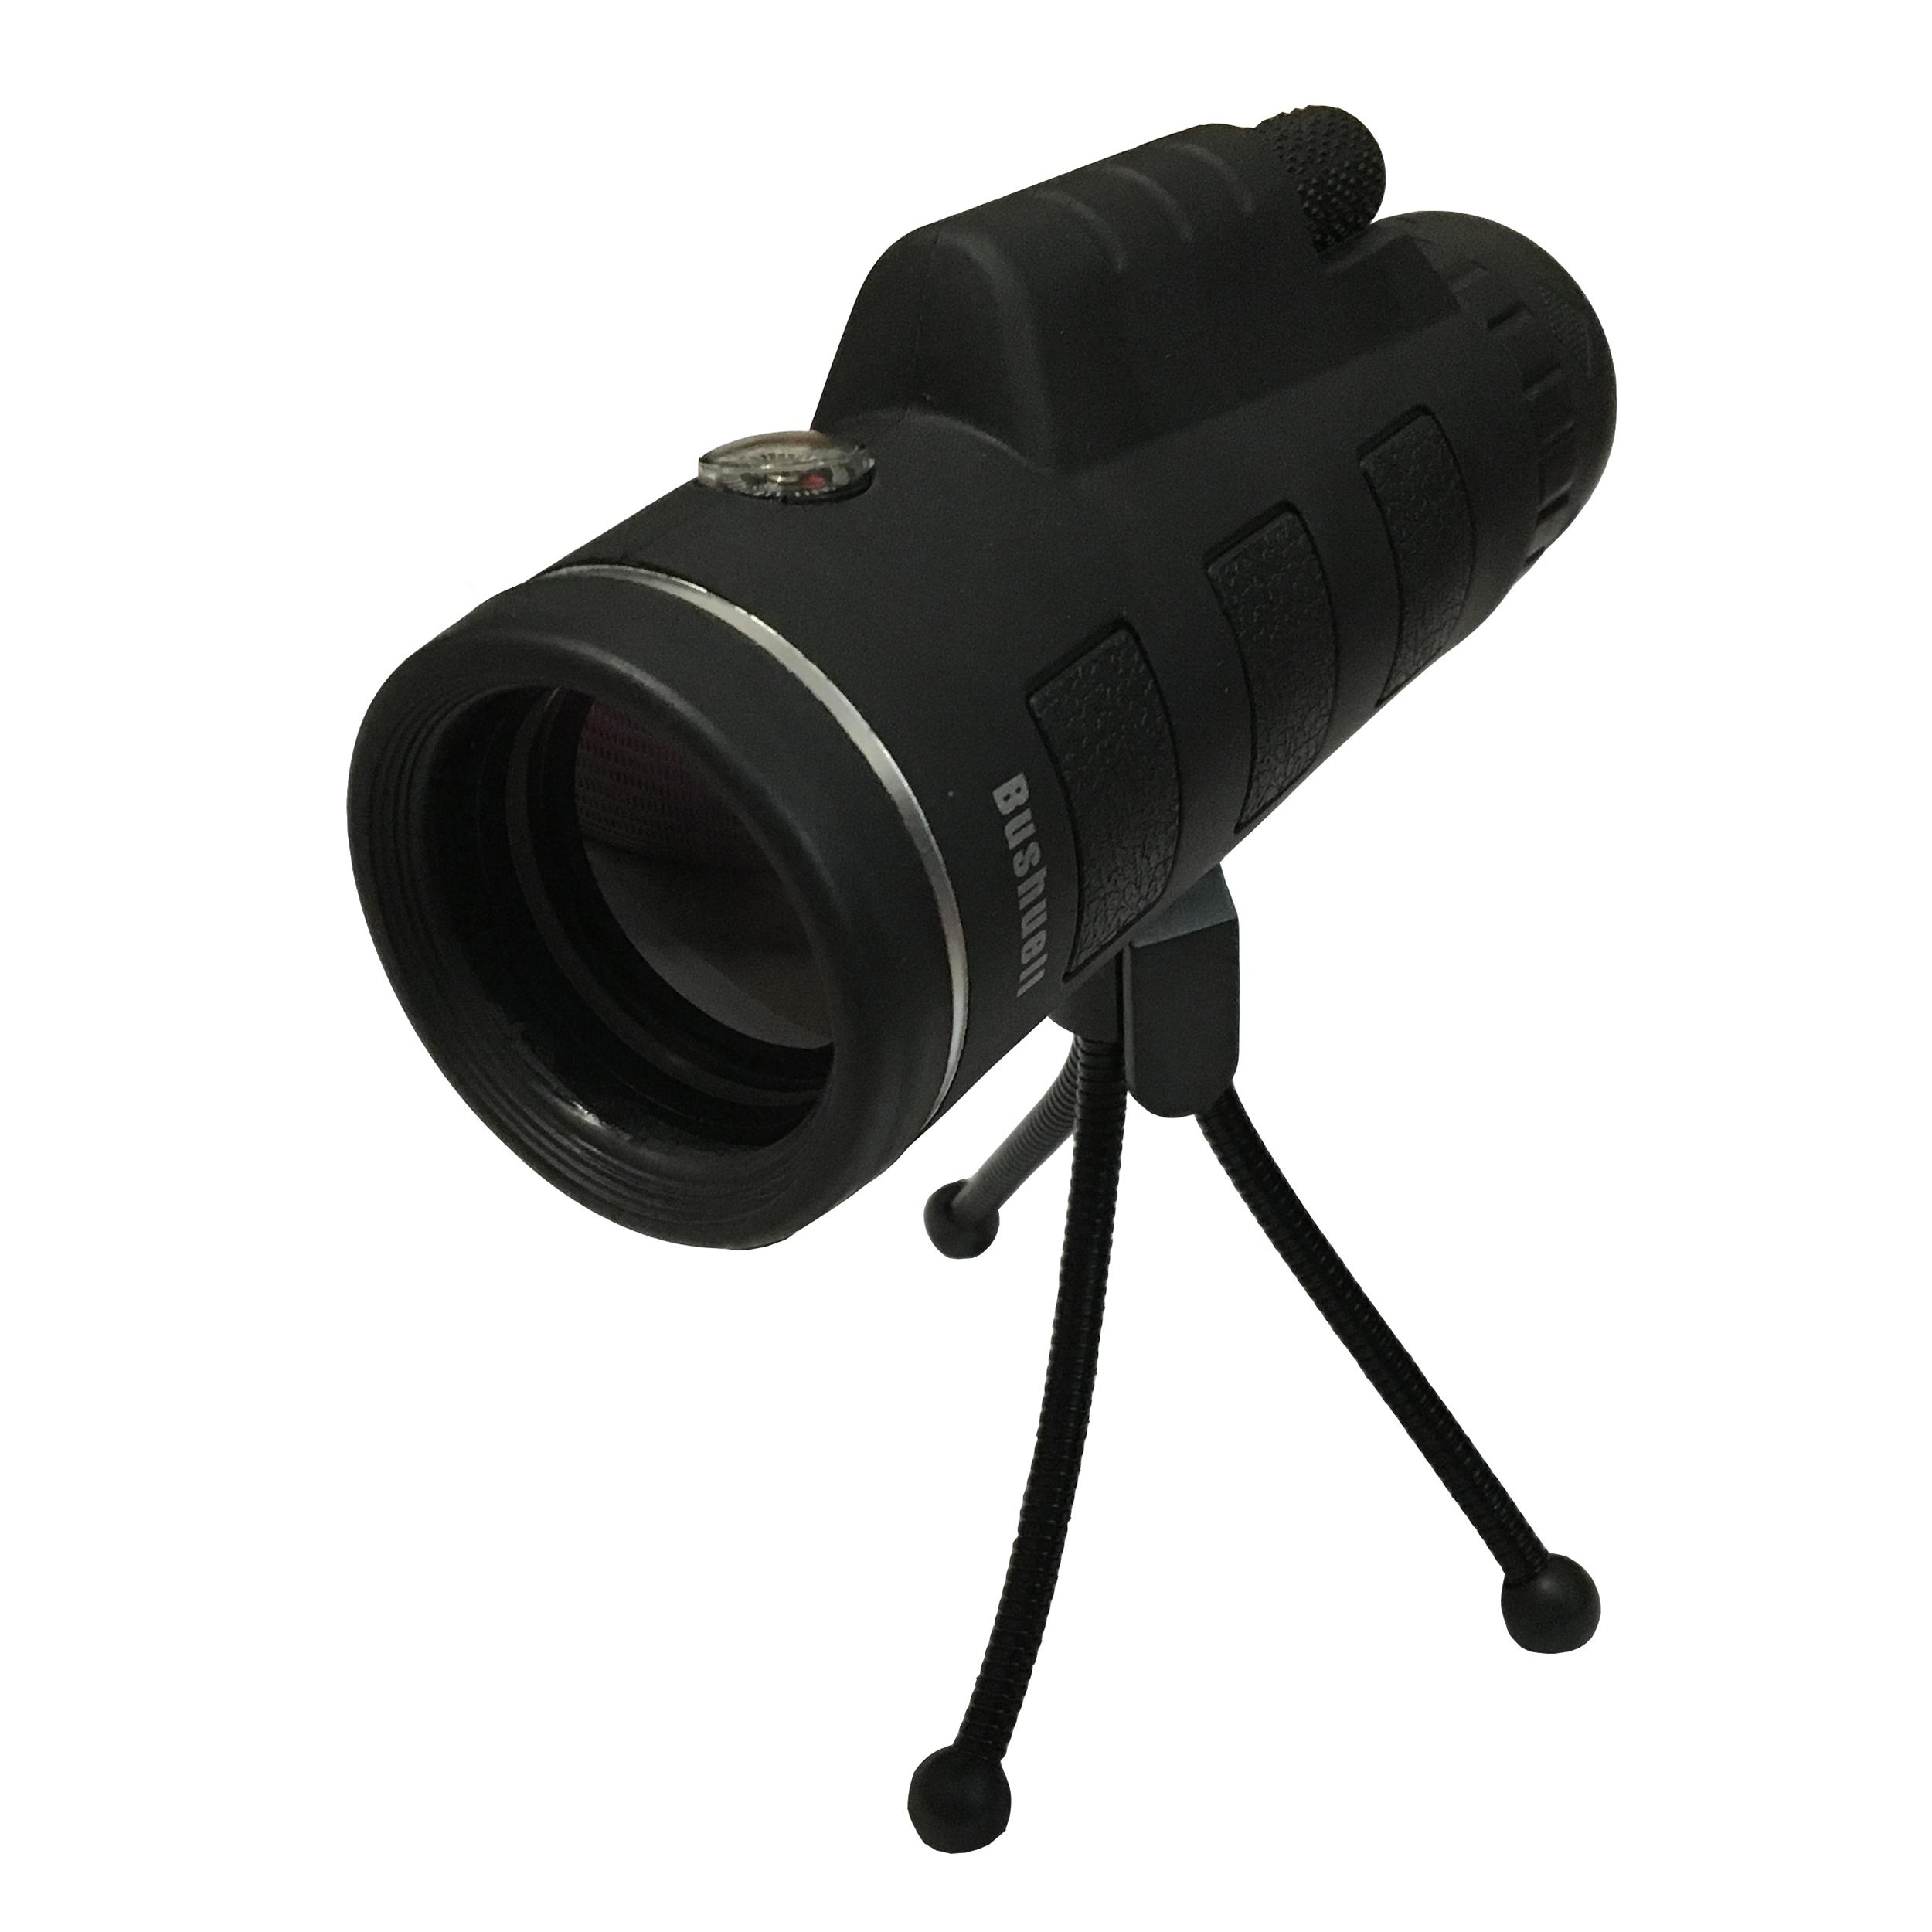 دوربین تک چشمی بوشل کد 708